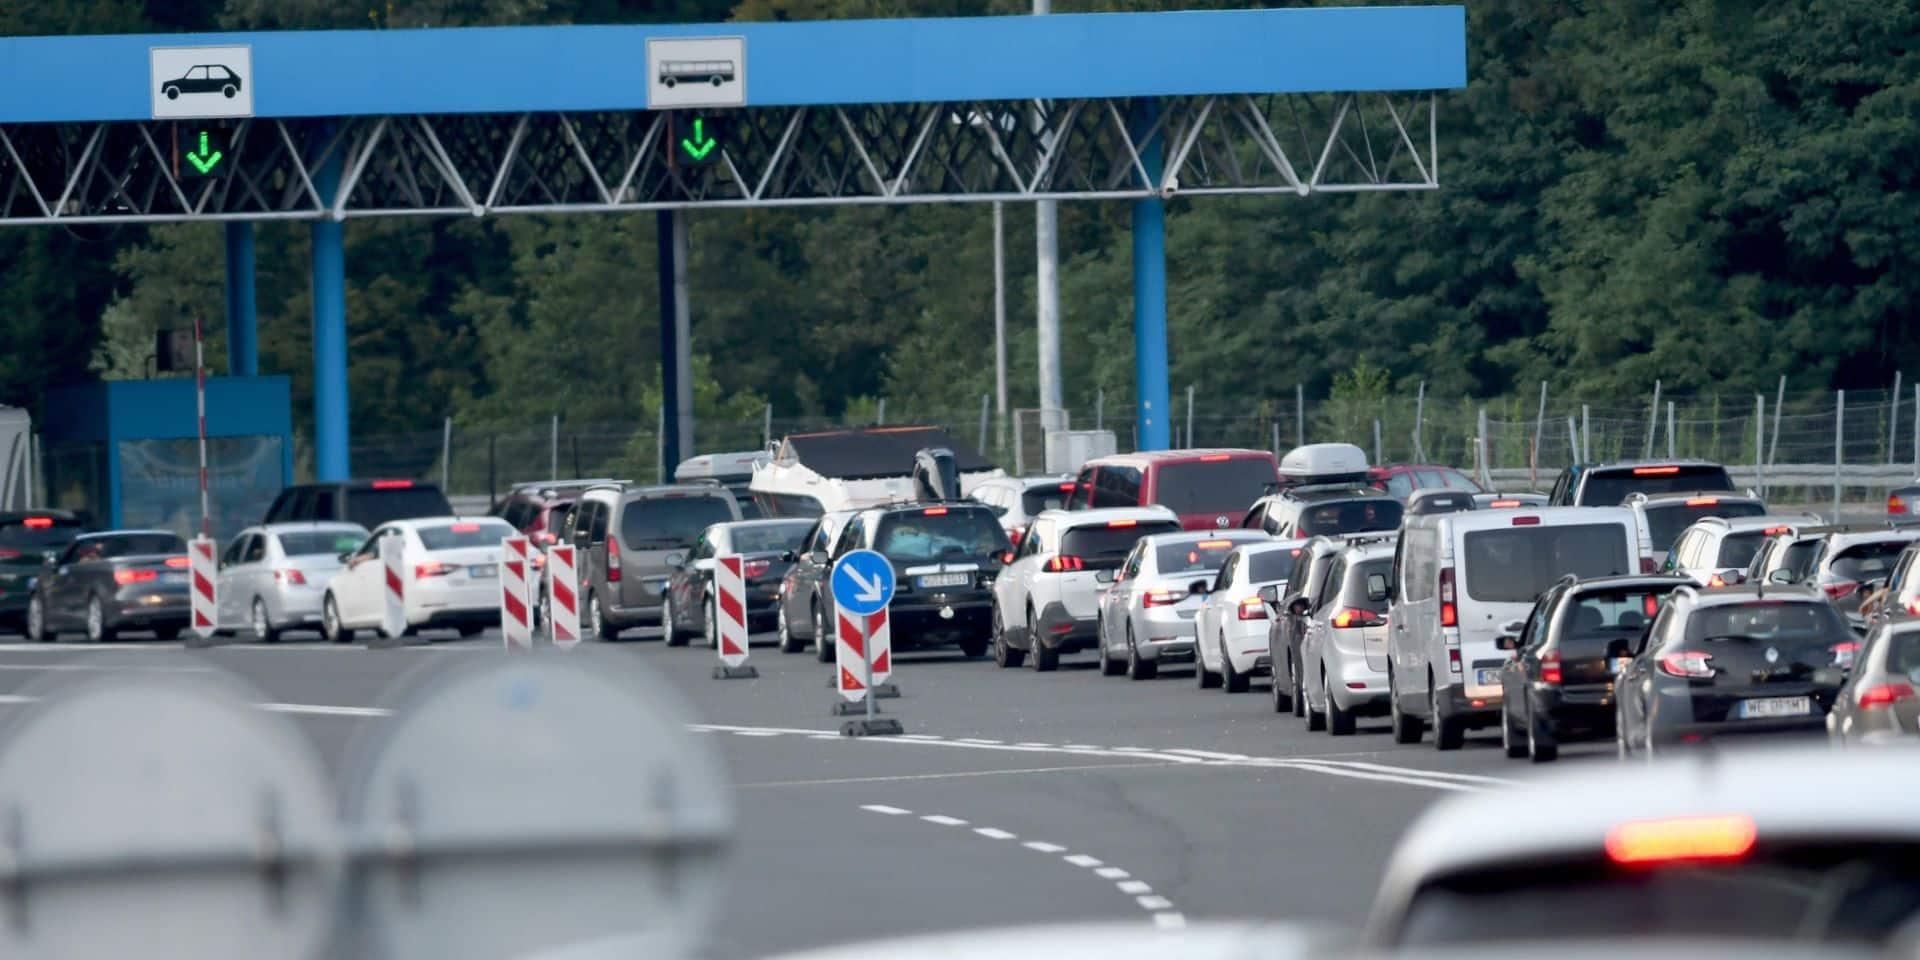 Chaos en Autriche suite à des contrôles sanitaires: des automobilistes bloqués pendant près de 10 heures